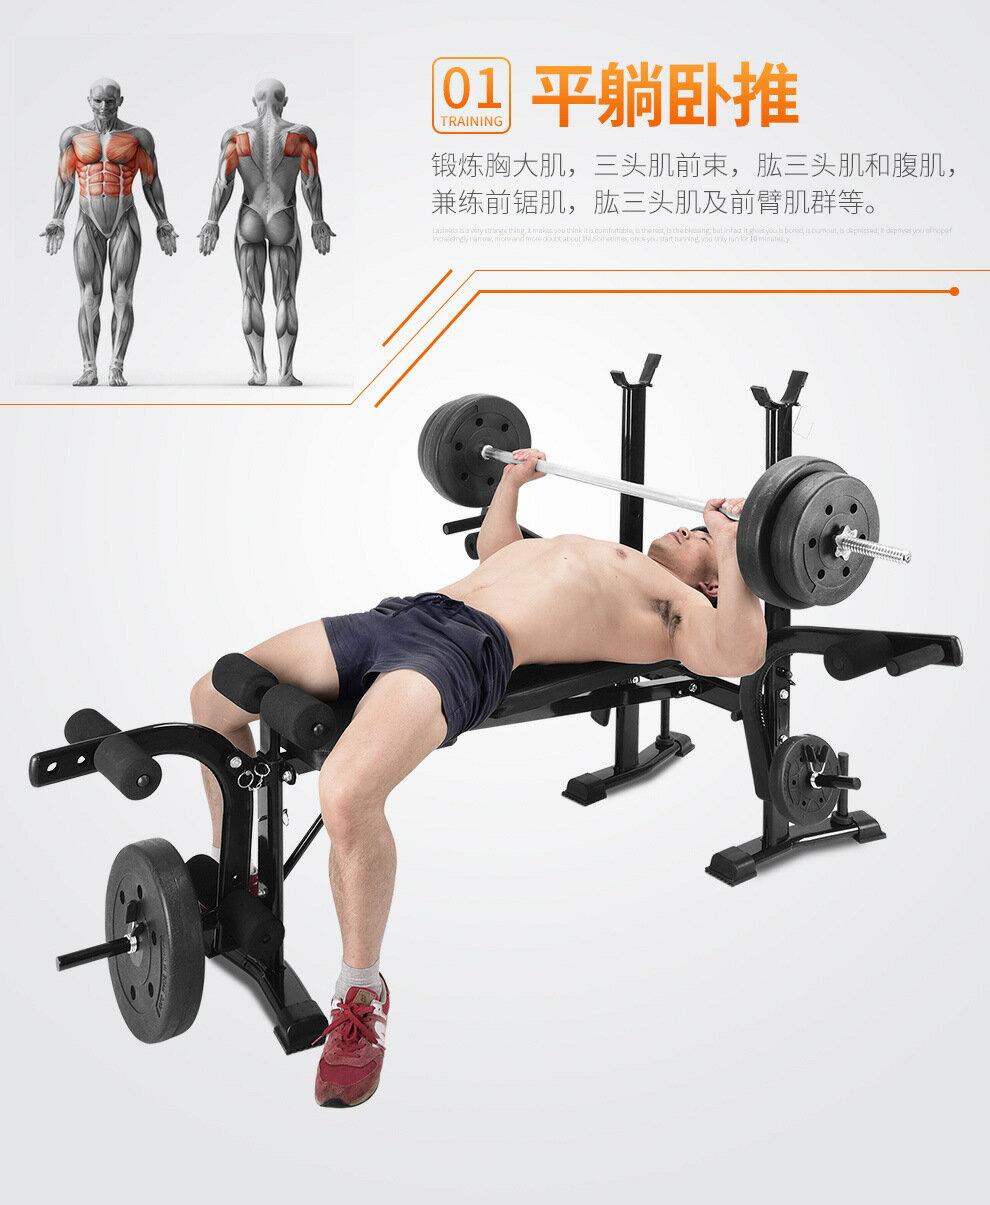 (舉重床+60公斤槓片+槓鈴桿)舉重椅 啞鈴椅 啞鈴 仰臥板 啞鈴 單槓 滑板車 引體向上 槓片 跑步機 腳踏車 拉筋板